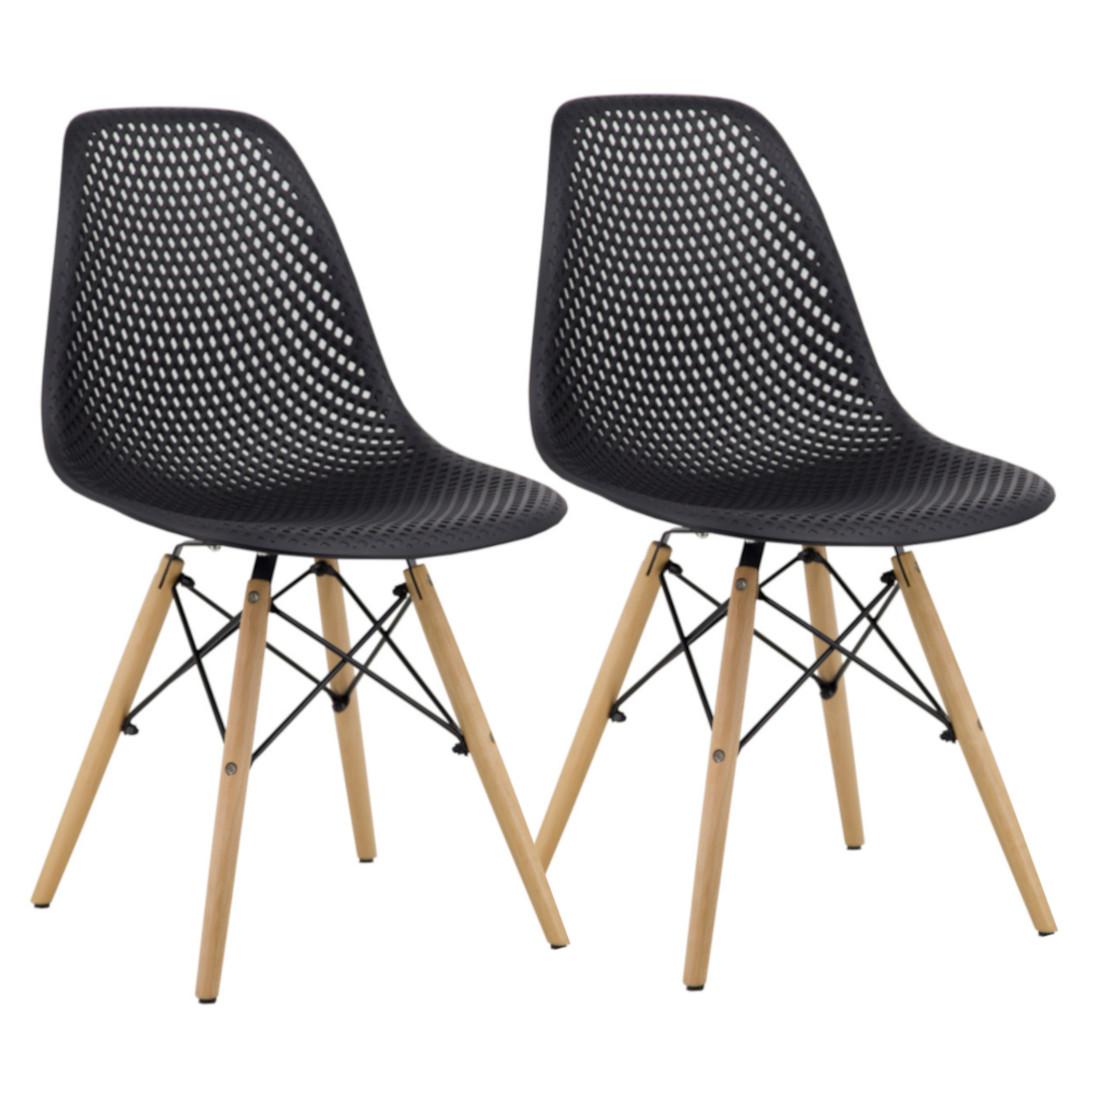 Cadeira Eloá Original Rivatti Releitura Charles Eames Eiffel Kit com 2